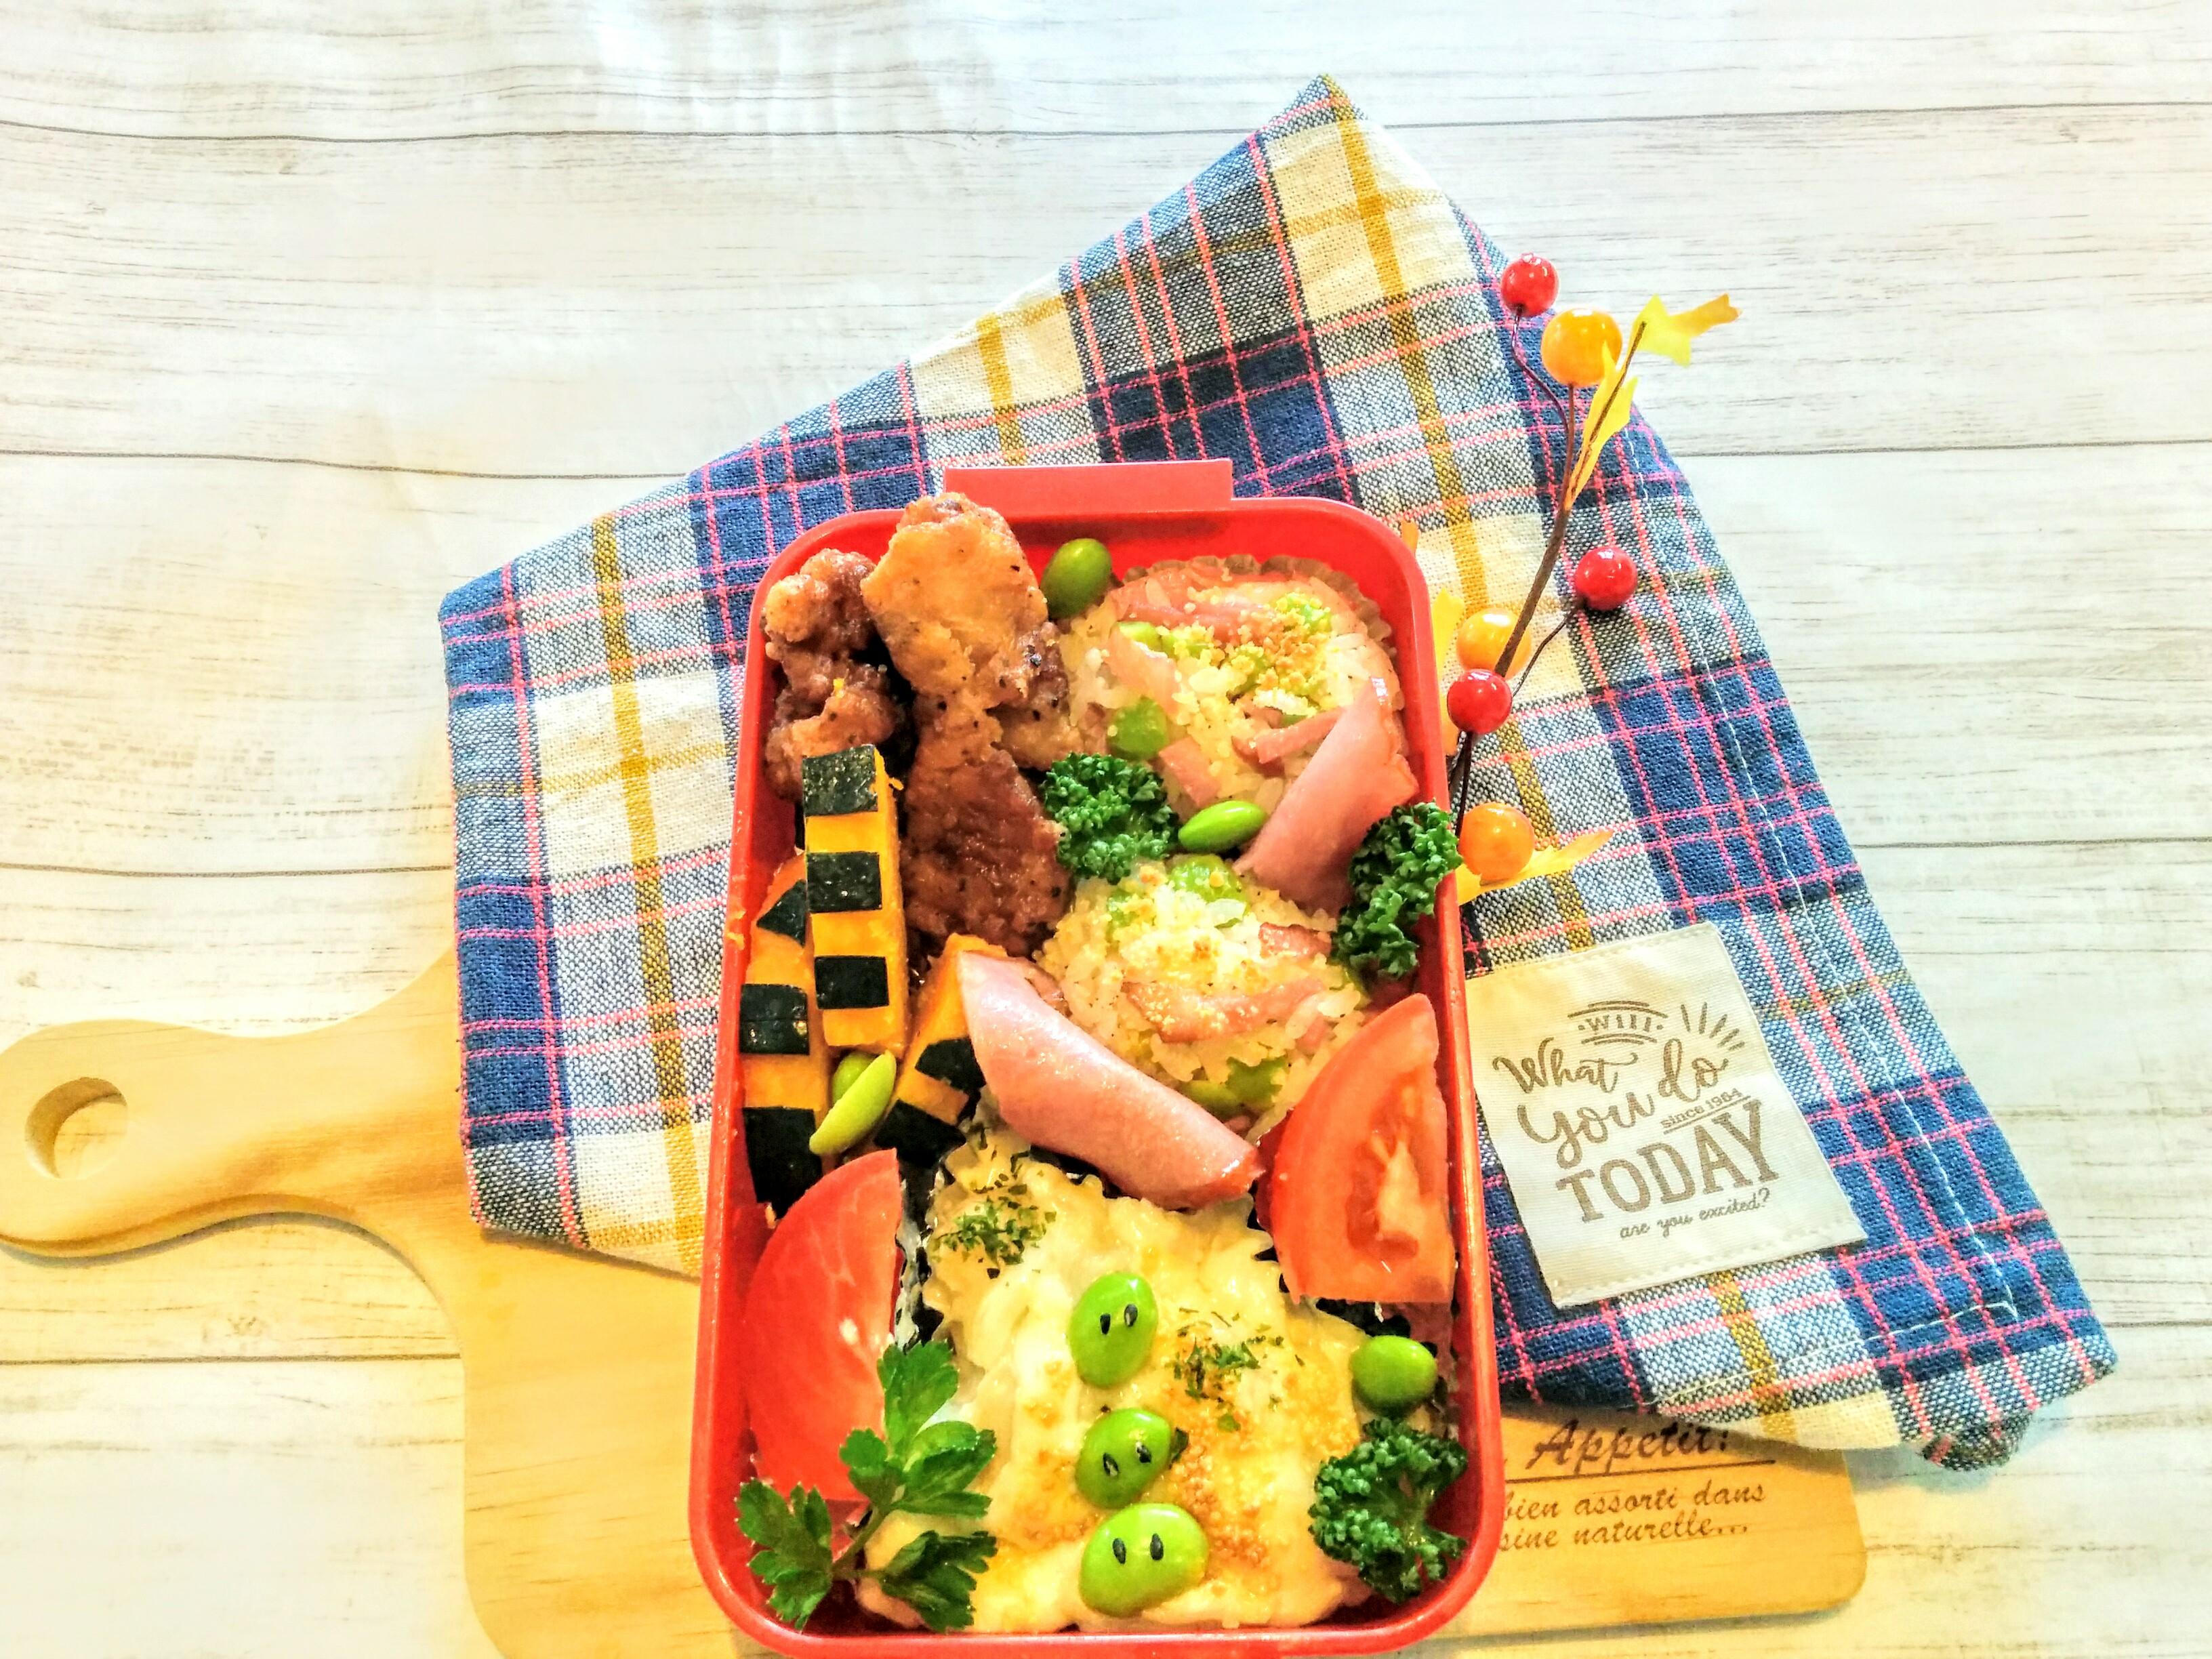 【小樽】娘の今日のお弁当・ベーコンと枝豆の焼きお握り弁当グルメ案内です。